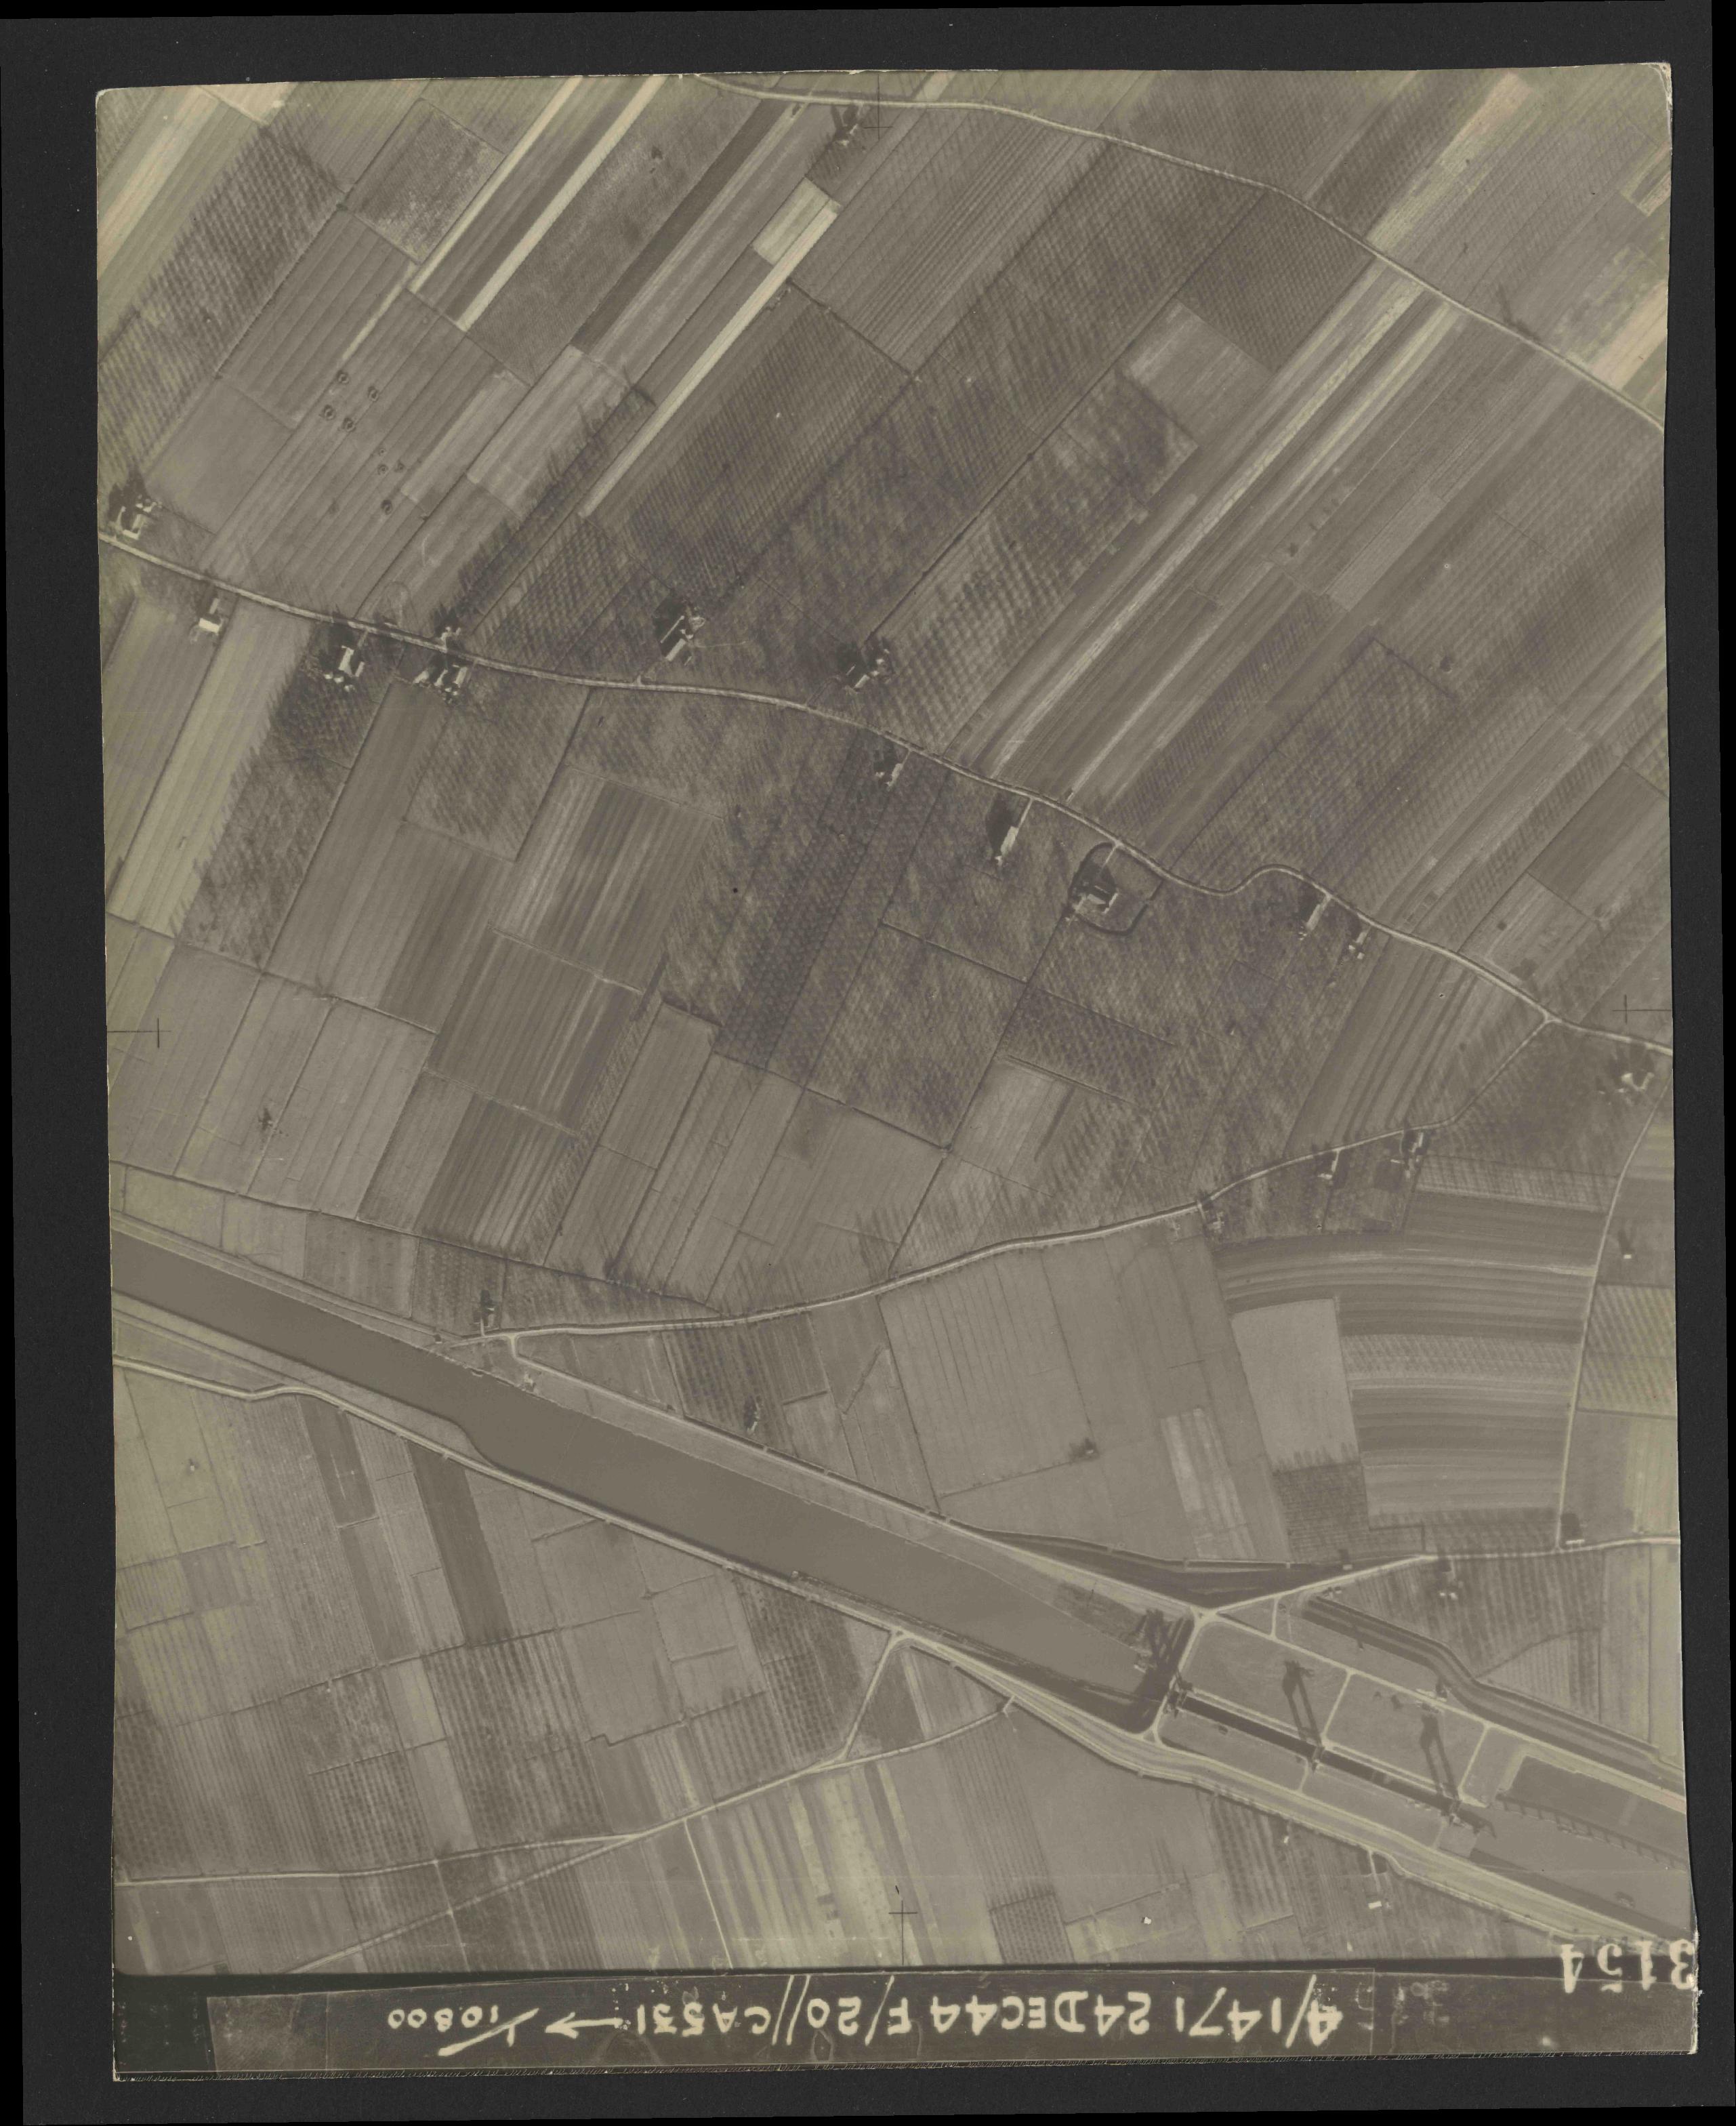 Collection RAF aerial photos 1940-1945 - flight 125, run 05, photo 3154